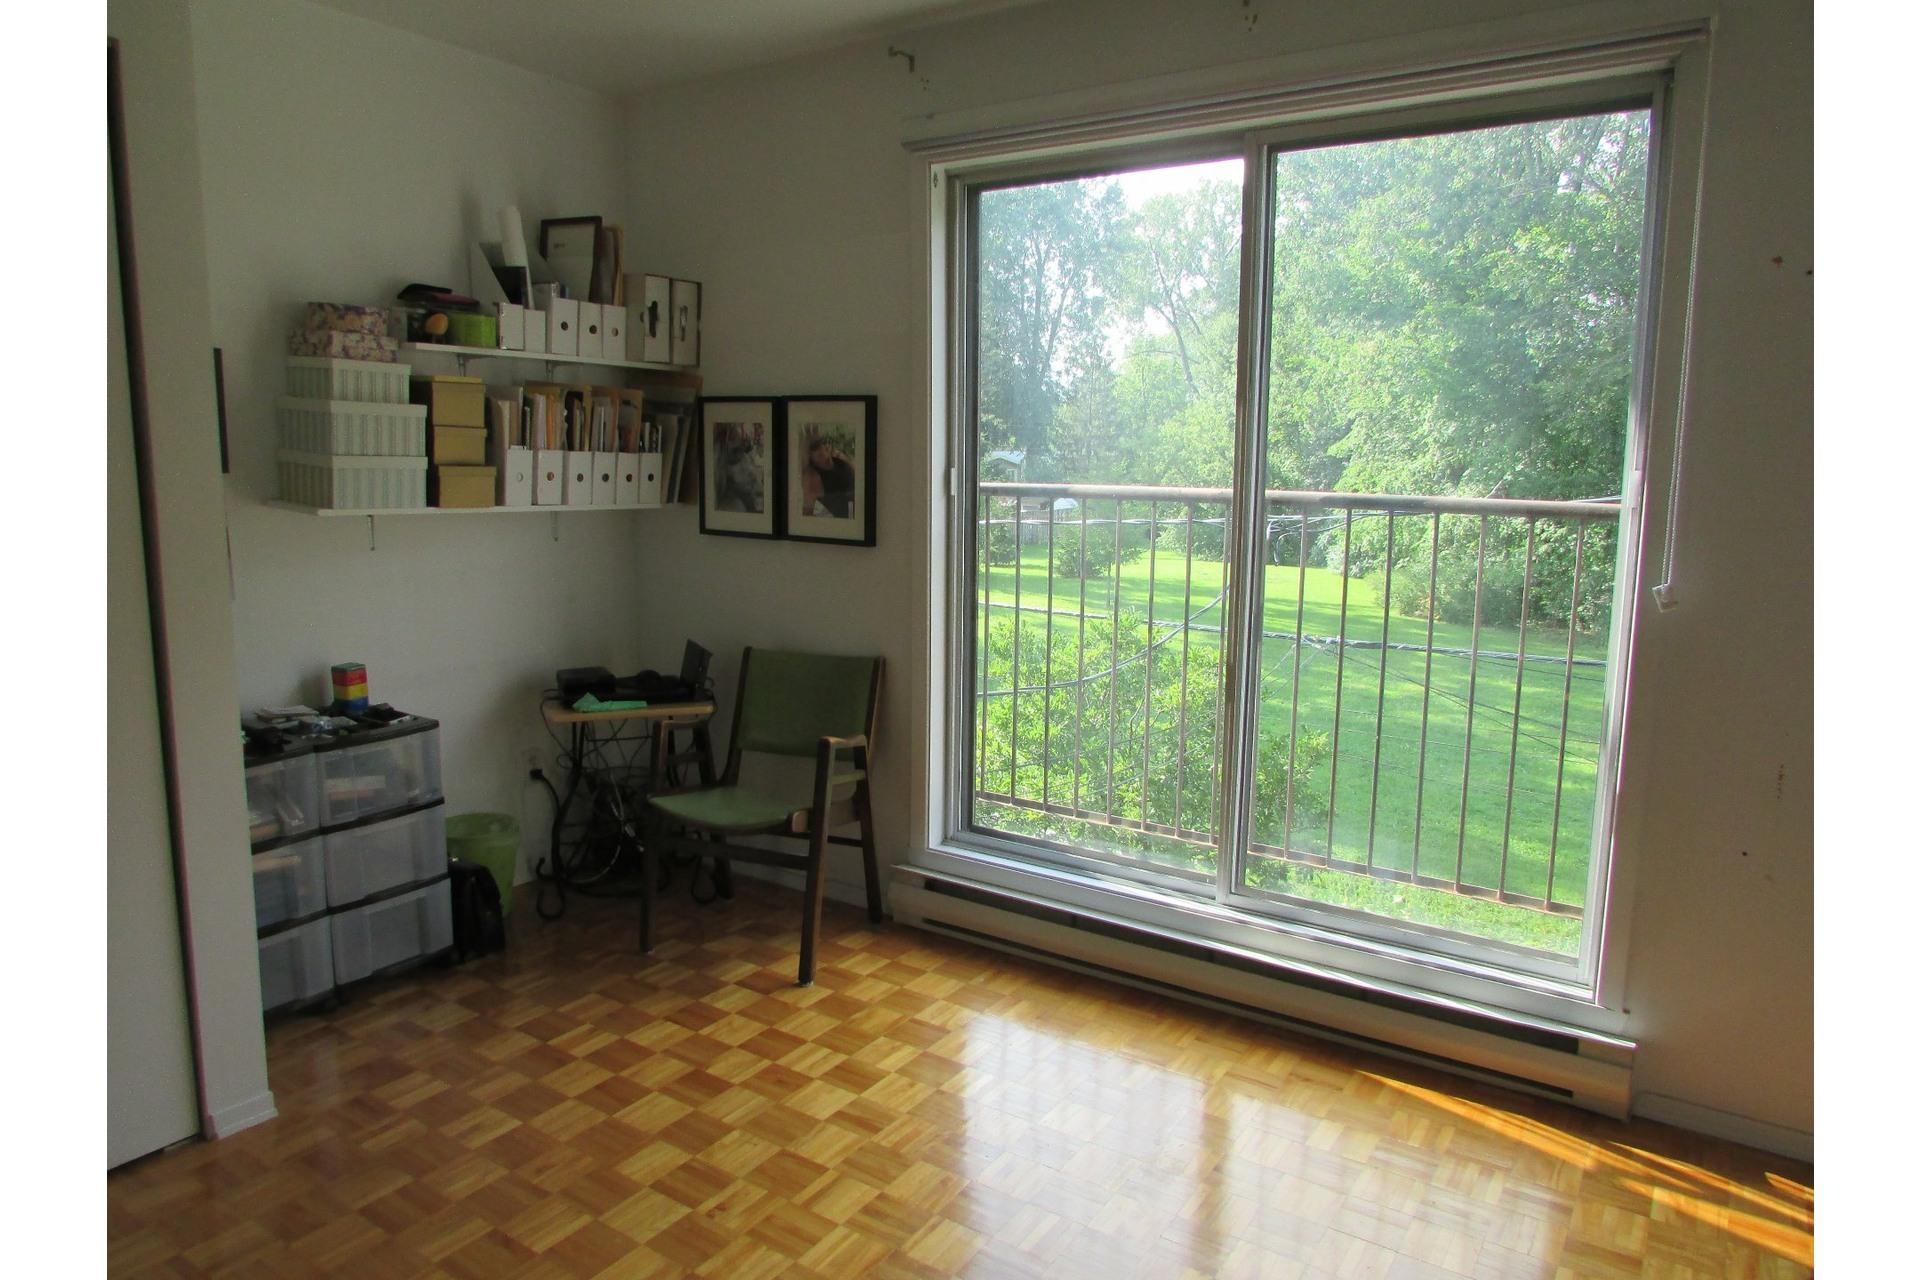 image 11 - House For sale Sainte-Dorothée Laval  - 7 rooms